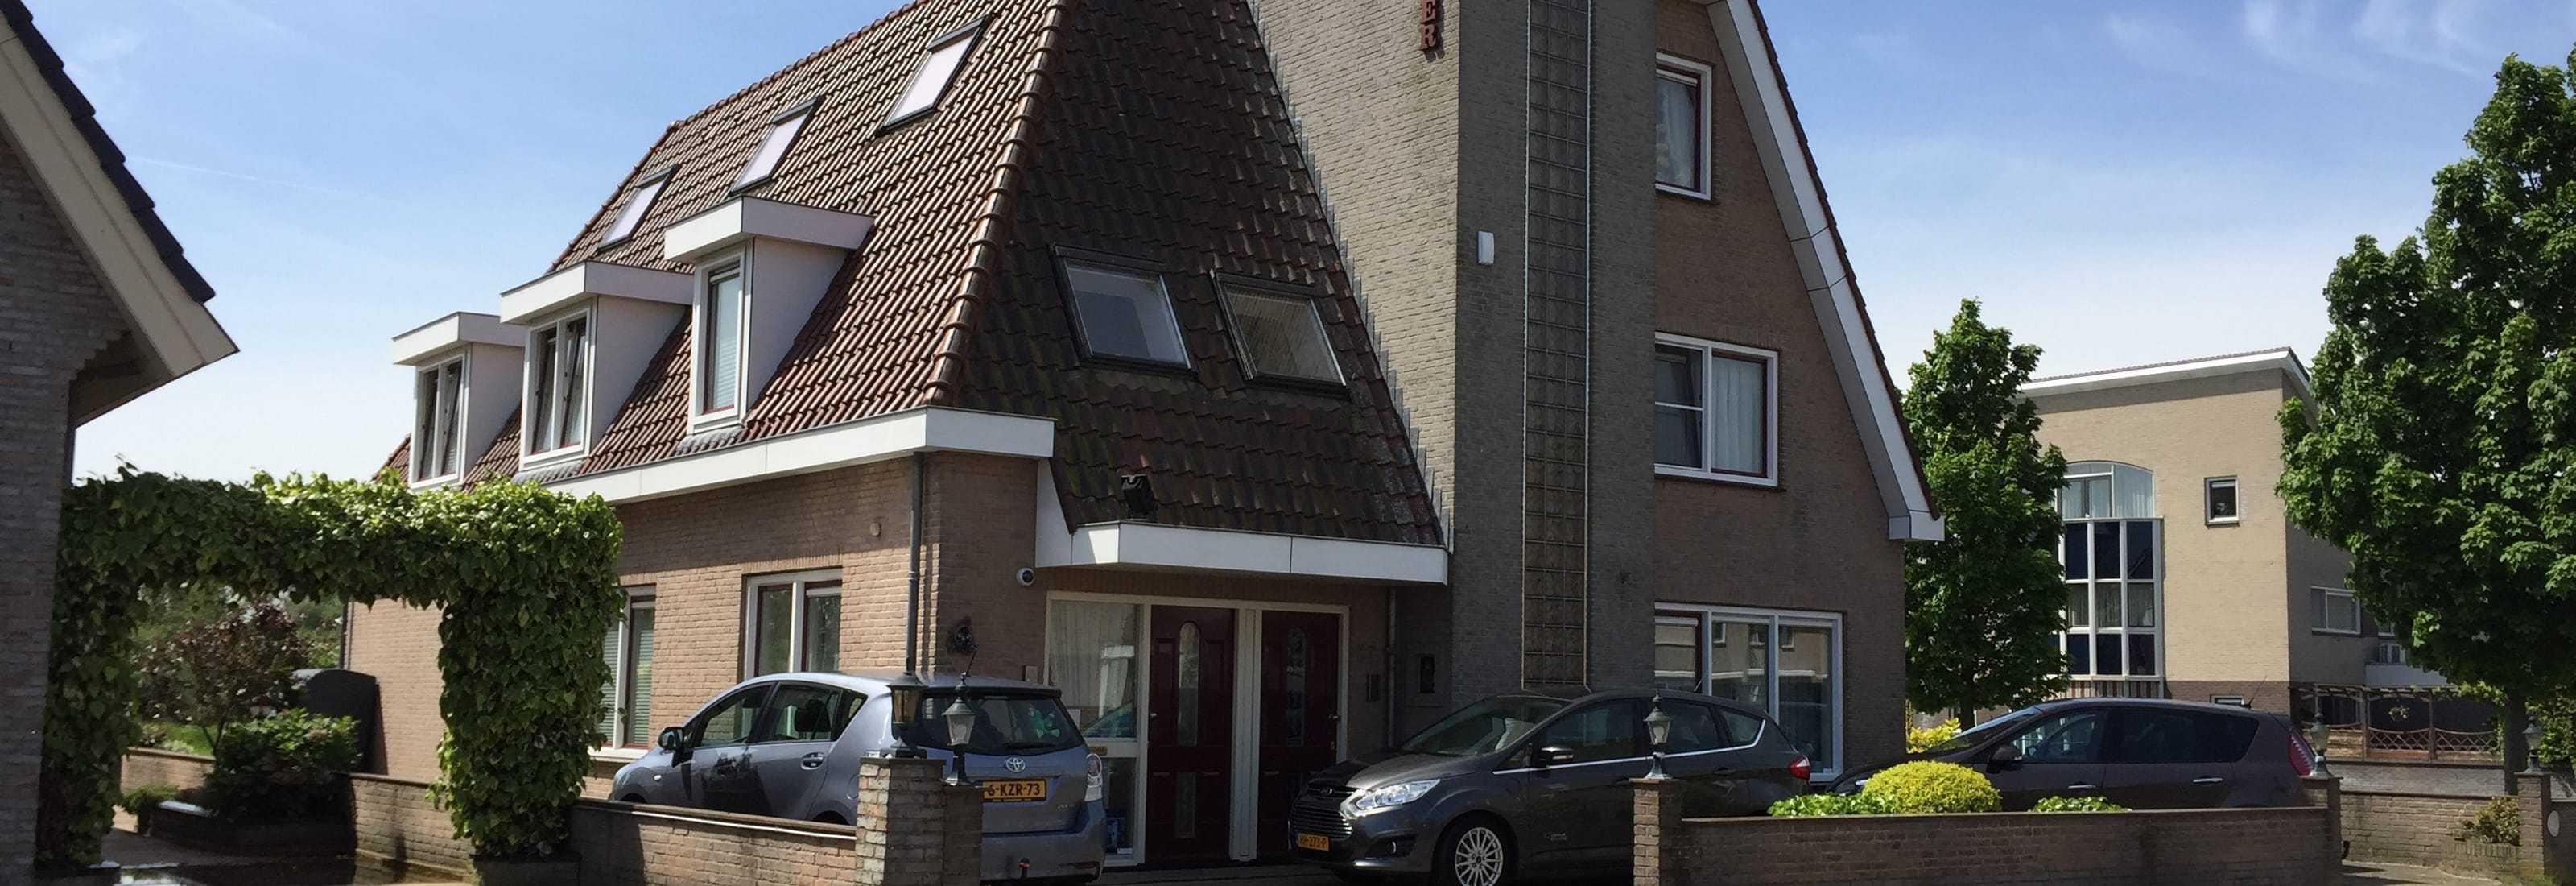 H.M. Schilder - Administratiekantoor in Volendam